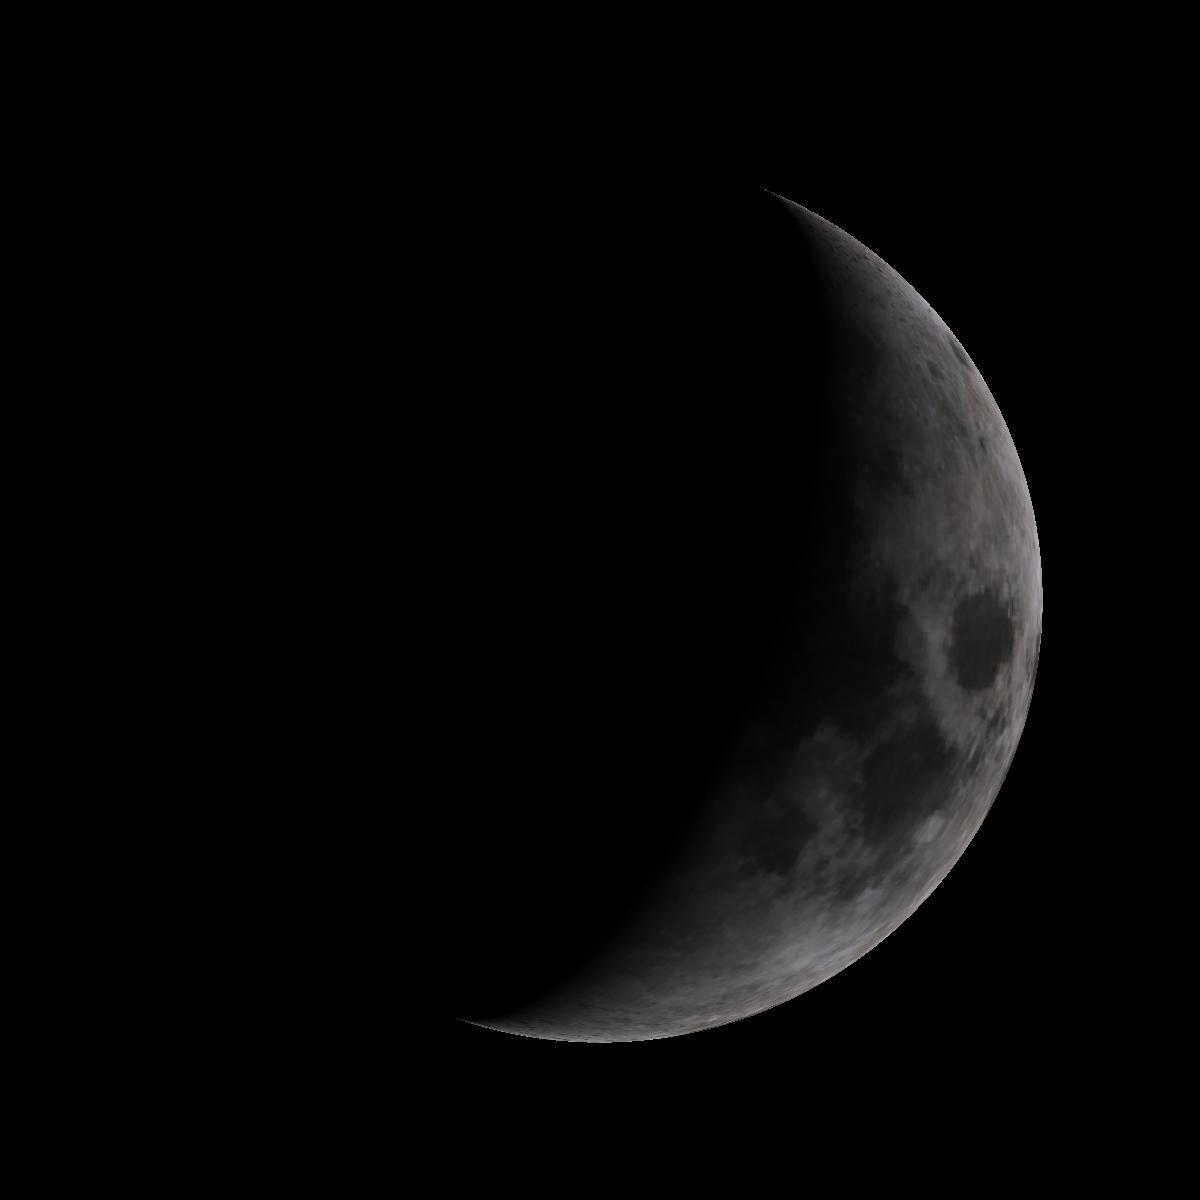 Lune du 31 janvier 2020